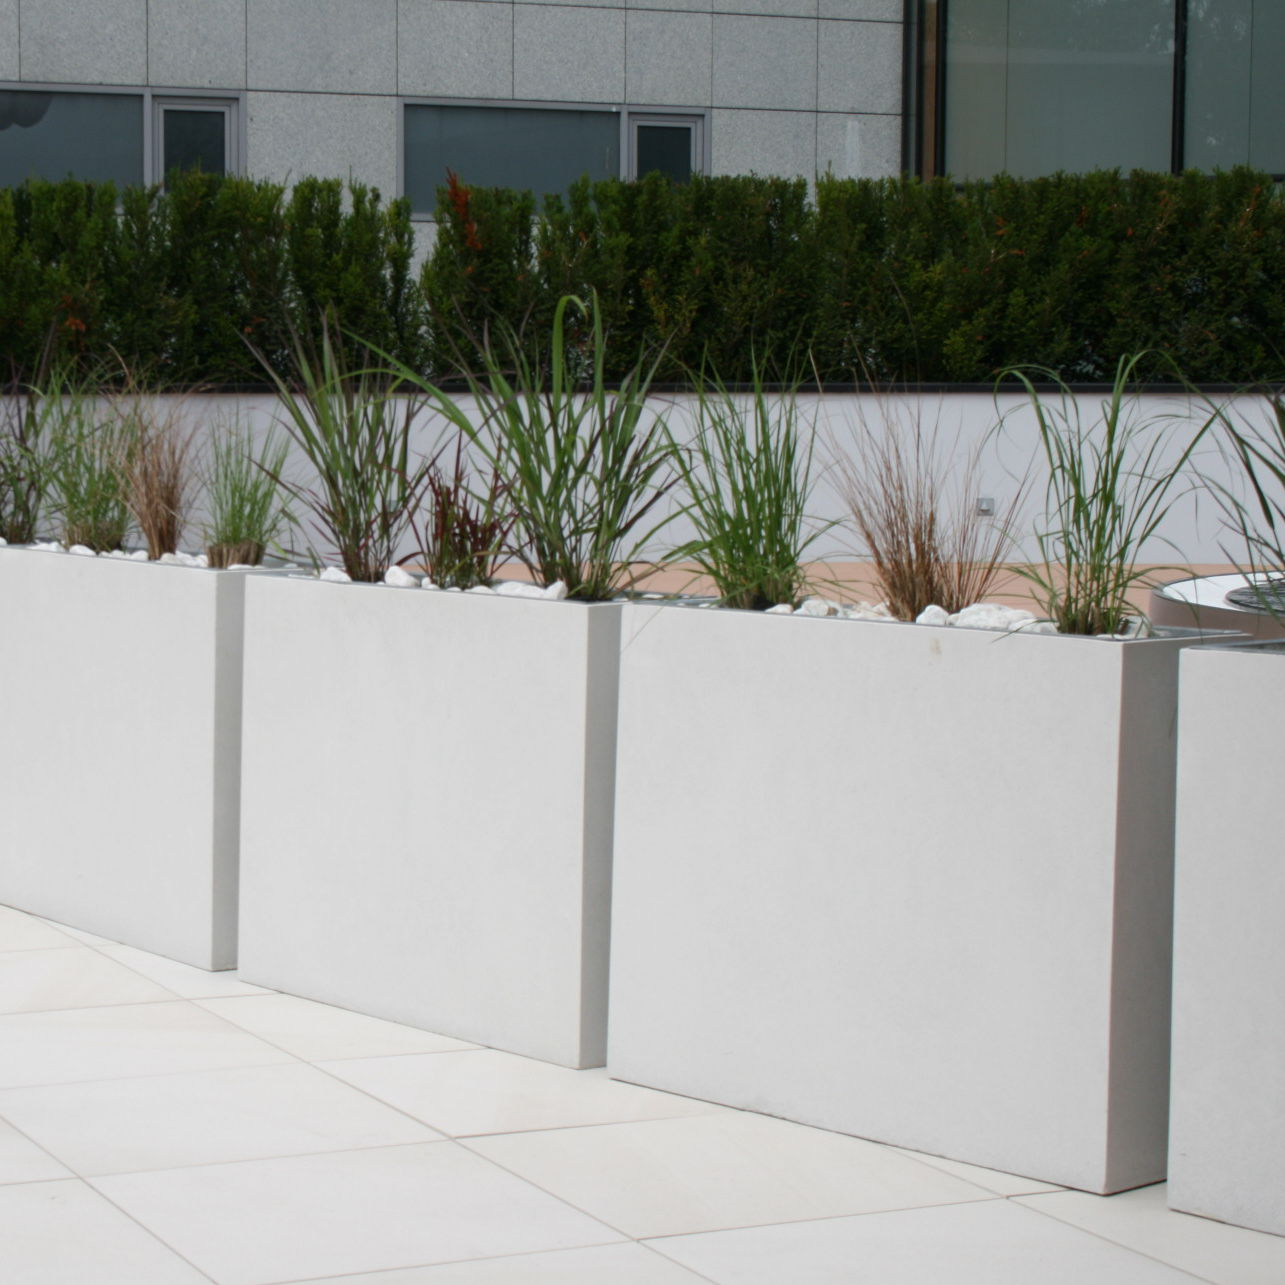 Pflanzkübel Aus Beton.Beton Pflanzkübel Rechteckig Modern Für öffentliche